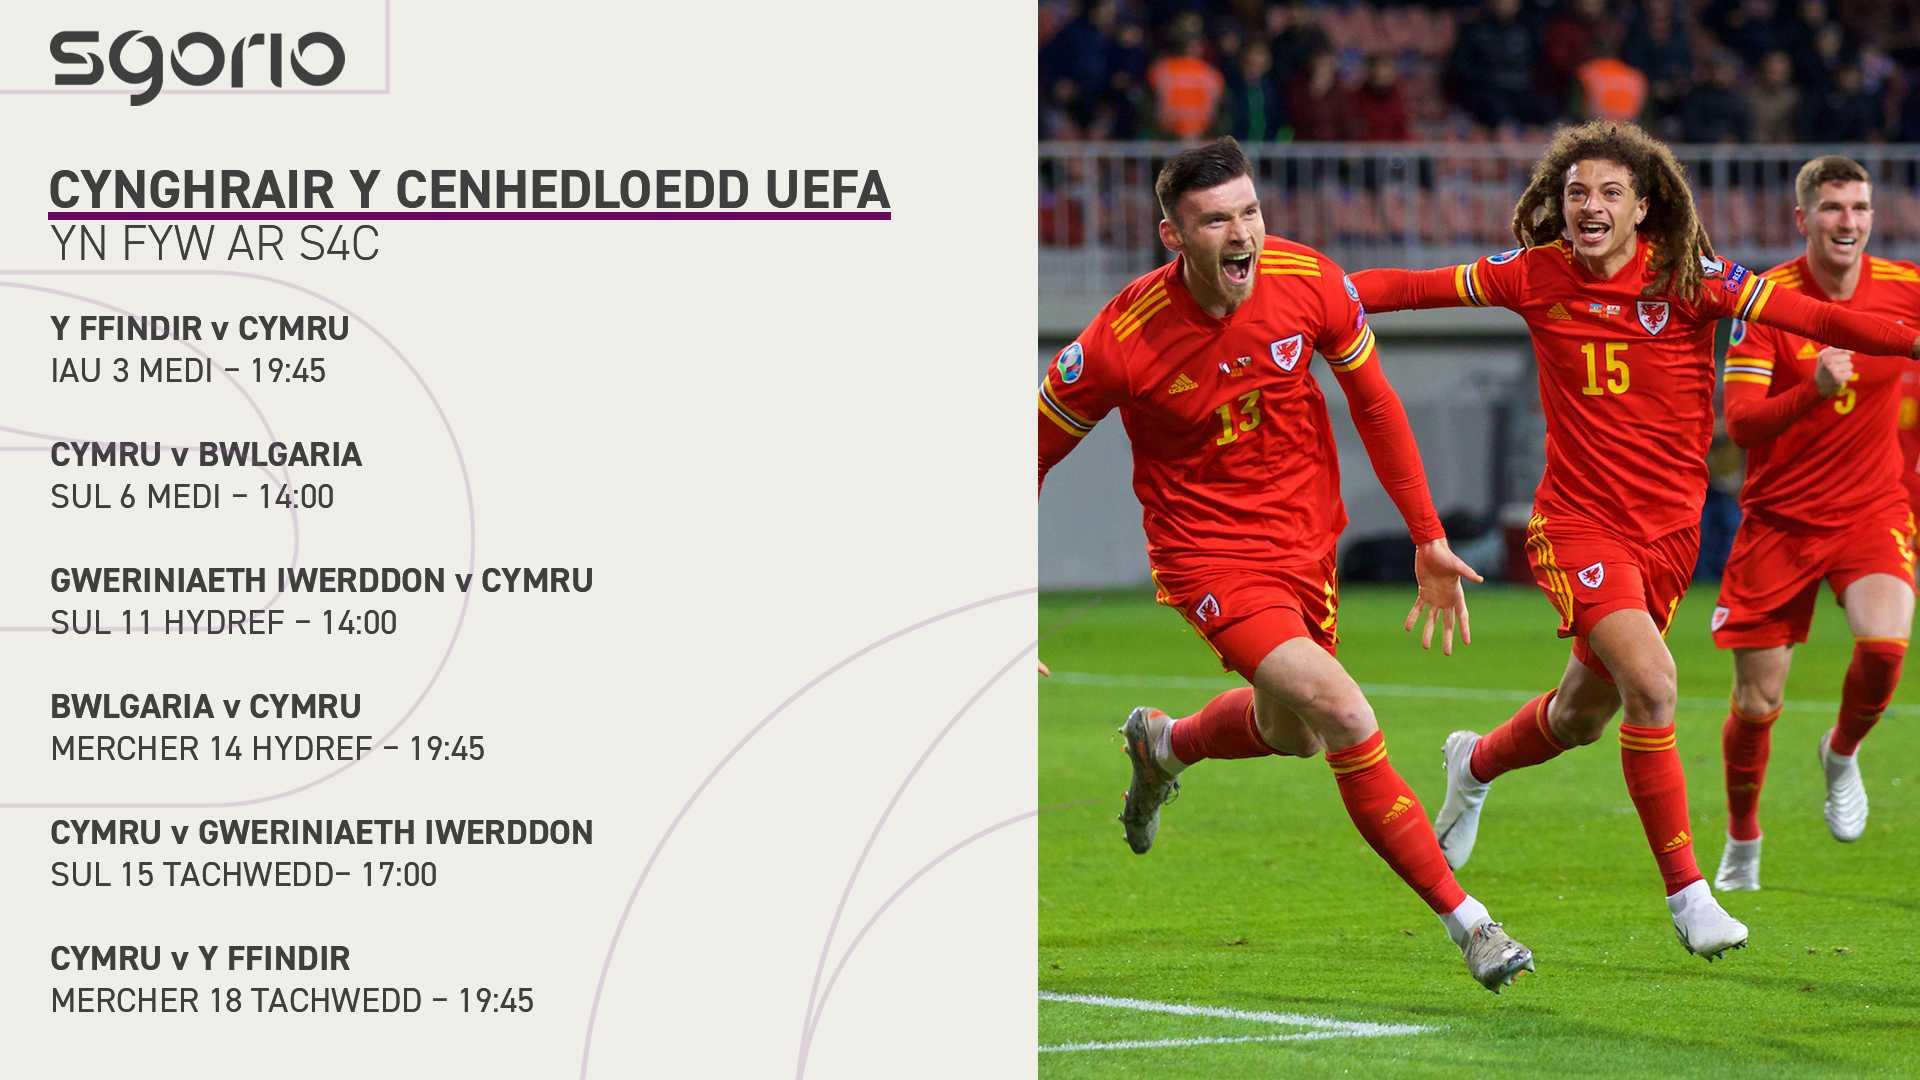 Cynghrair y Cenhedloedd Uefa yn fyw ar S4C